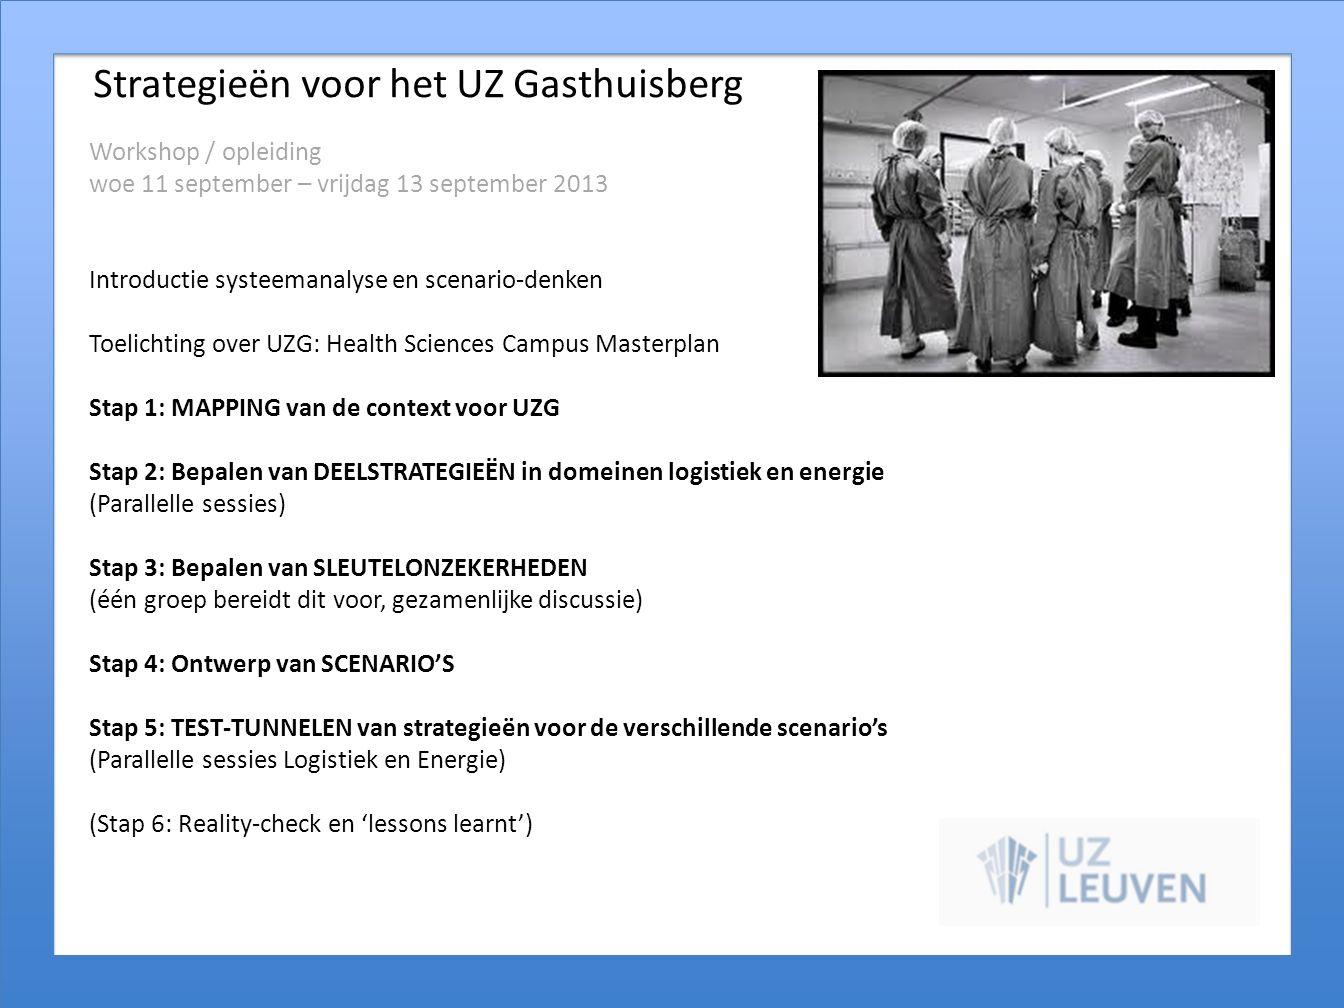 Strategieën voor het UZ Gasthuisberg Workshop / opleiding woe 11 september – vrijdag 13 september 2013 Introductie systeemanalyse en scenario-denken Toelichting over UZG: Health Sciences Campus Masterplan Stap 1: MAPPING van de context voor UZG Stap 2: Bepalen van DEELSTRATEGIEËN in domeinen logistiek en energie (Parallelle sessies) Stap 3: Bepalen van SLEUTELONZEKERHEDEN (één groep bereidt dit voor, gezamenlijke discussie) Stap 4: Ontwerp van SCENARIO'S Stap 5: TEST-TUNNELEN van strategieën voor de verschillende scenario's (Parallelle sessies Logistiek en Energie) (Stap 6: Reality-check en 'lessons learnt')